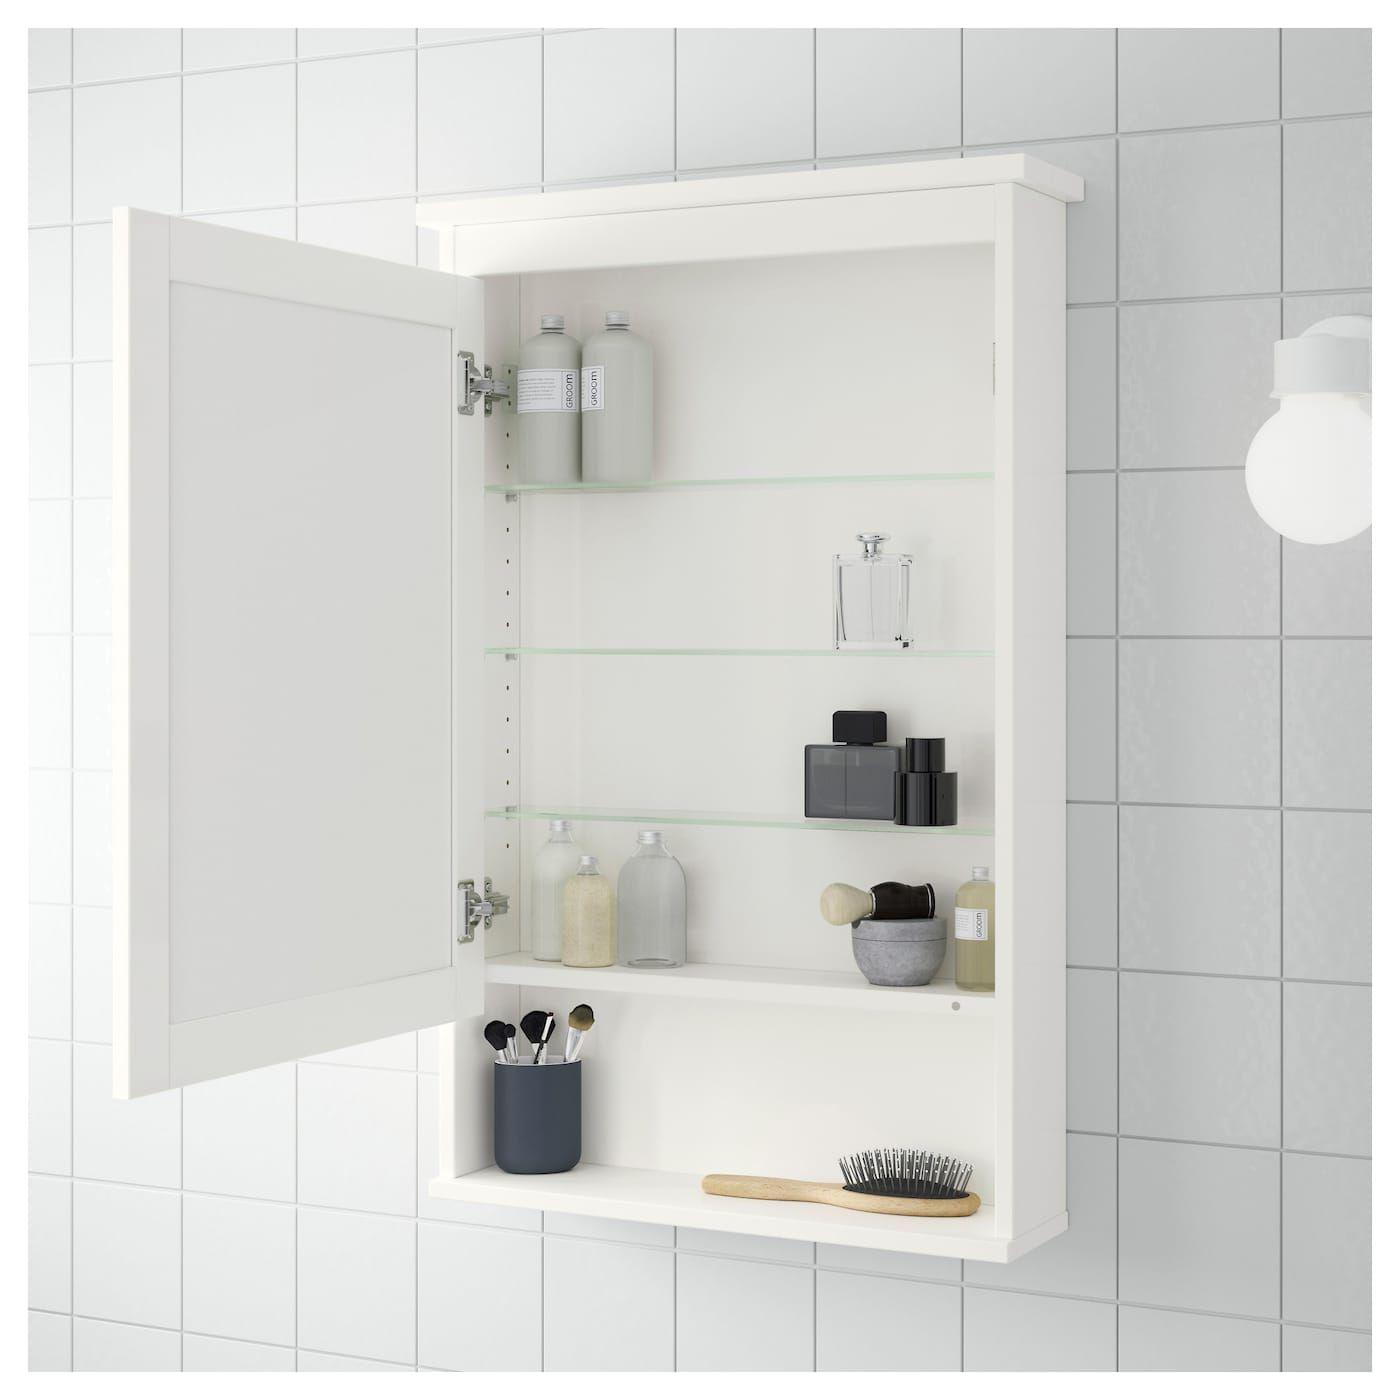 Specchi Ikea Da Bagno.Hemnes Armario Con Espejo 1 Puerta Blanco Mobili A Specchio